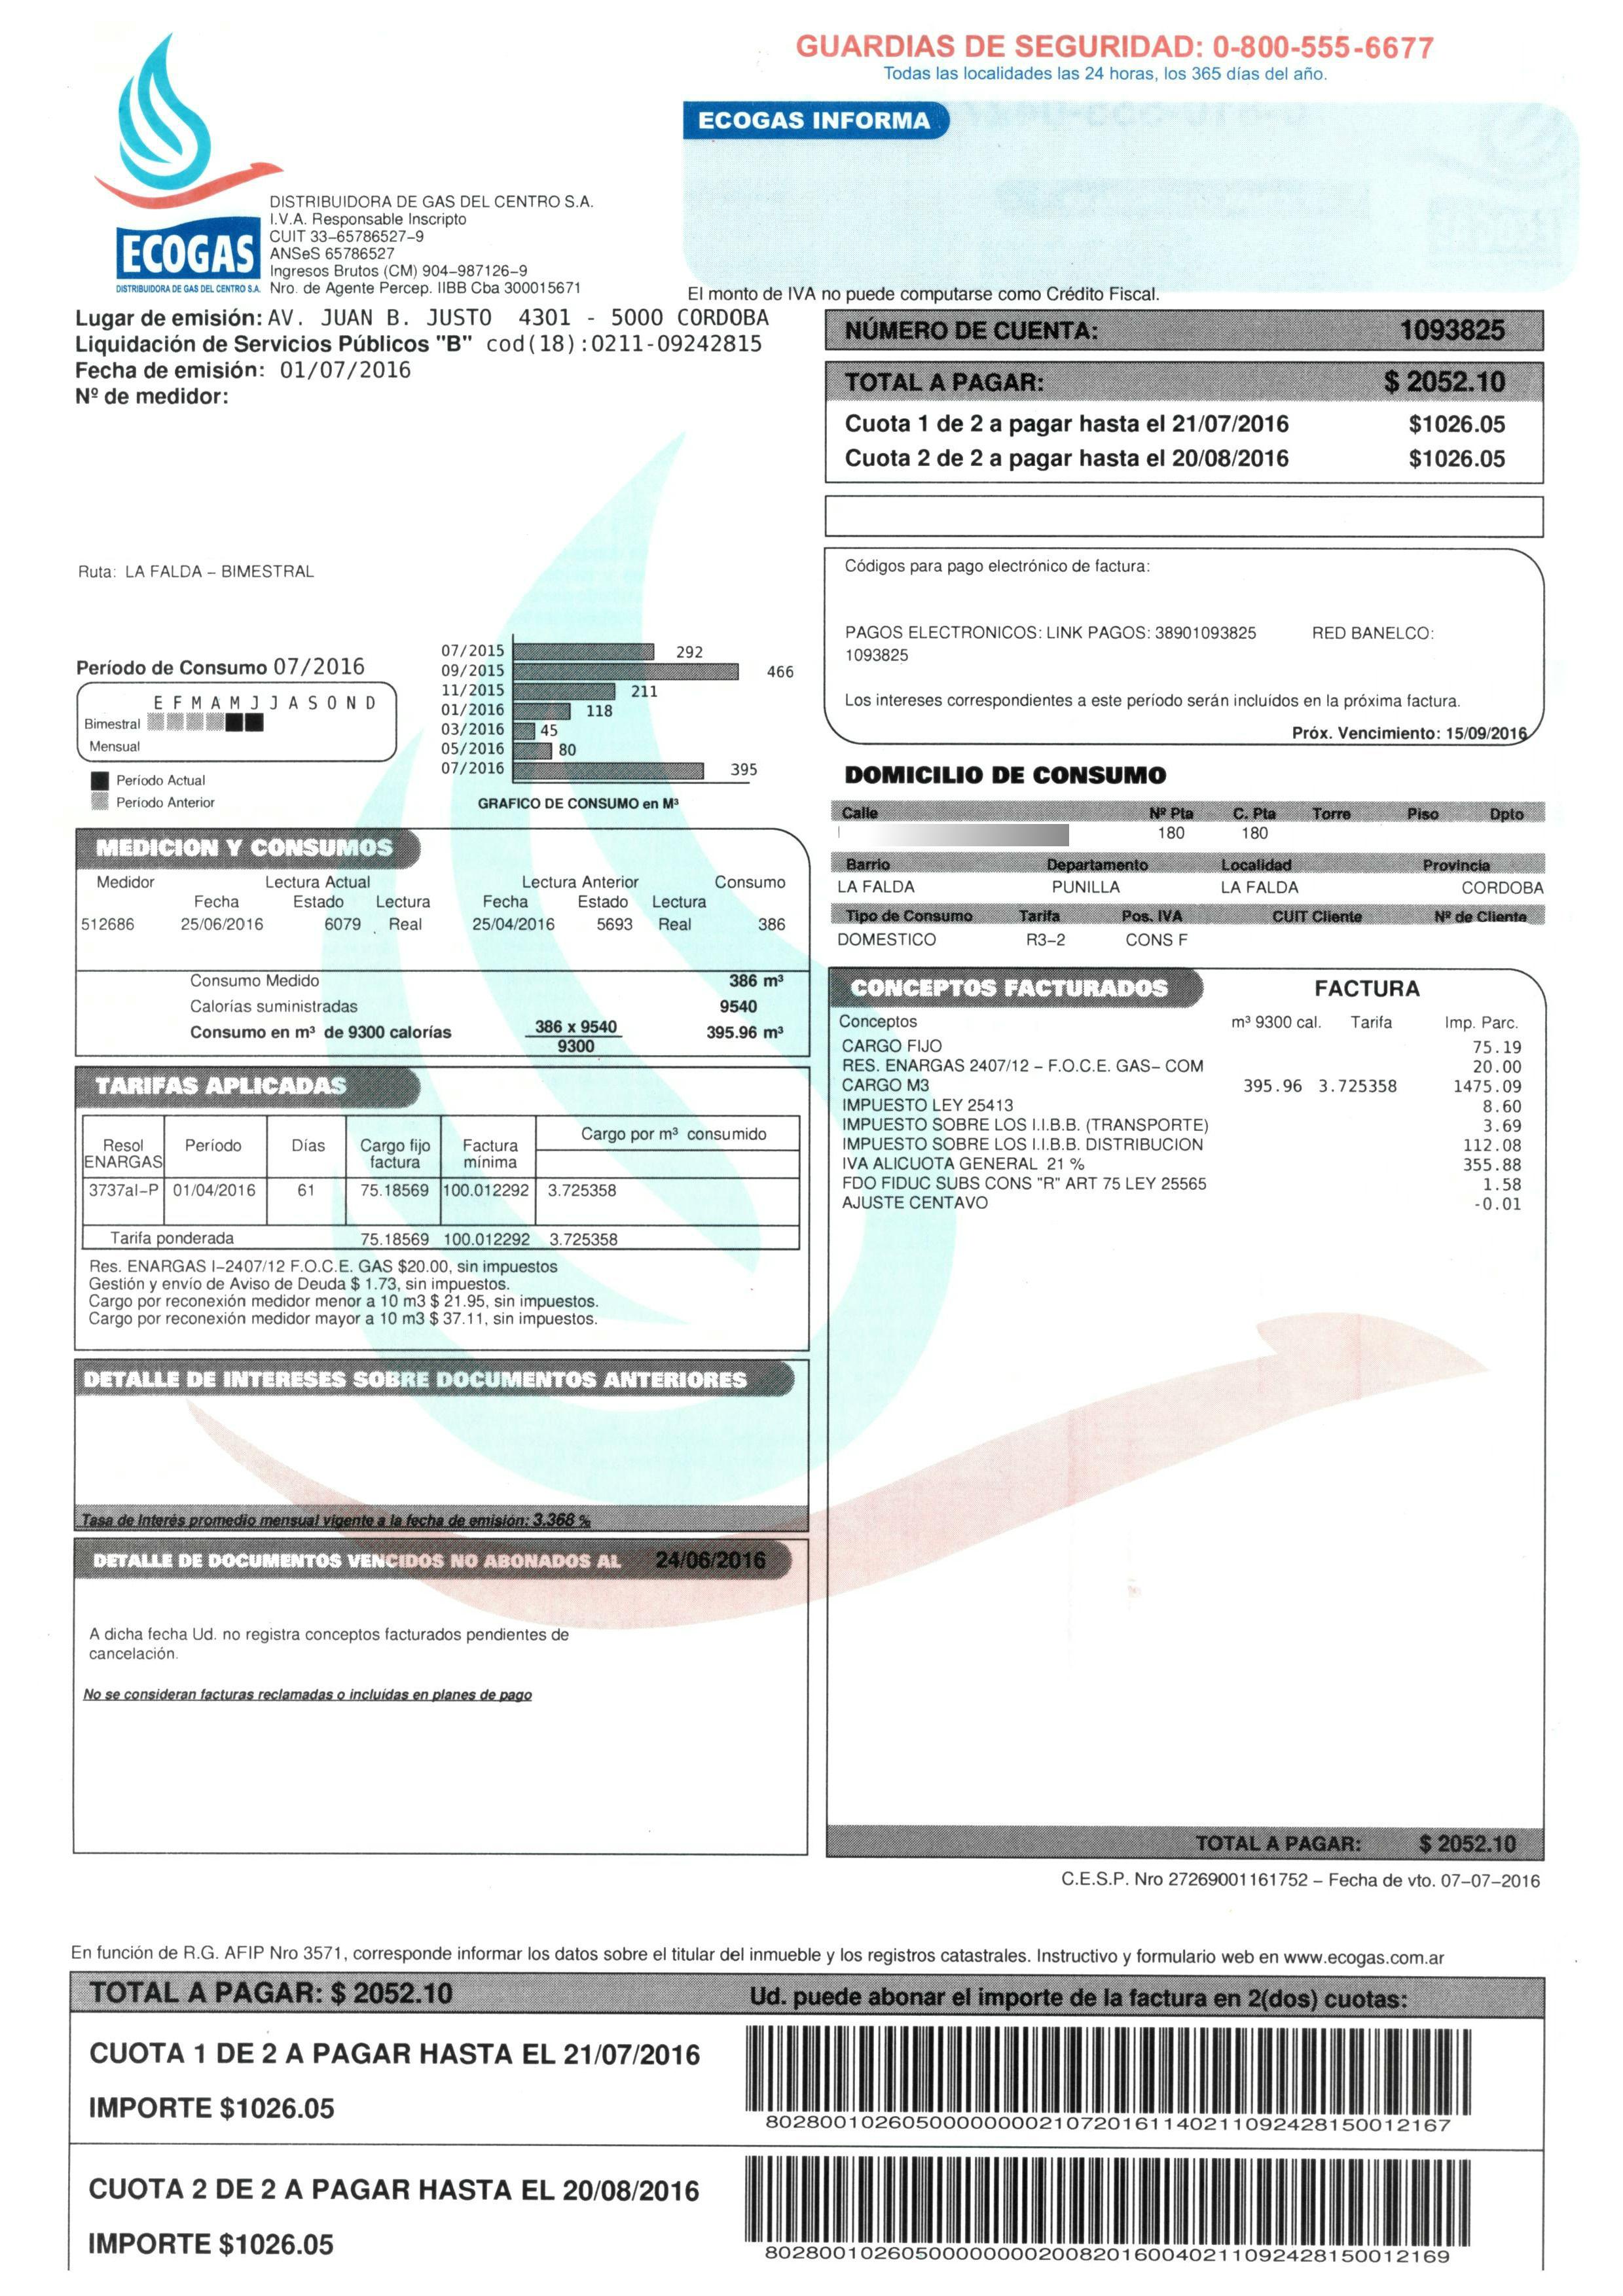 así son las nuevas facturas de ecogas con pago desdoblado